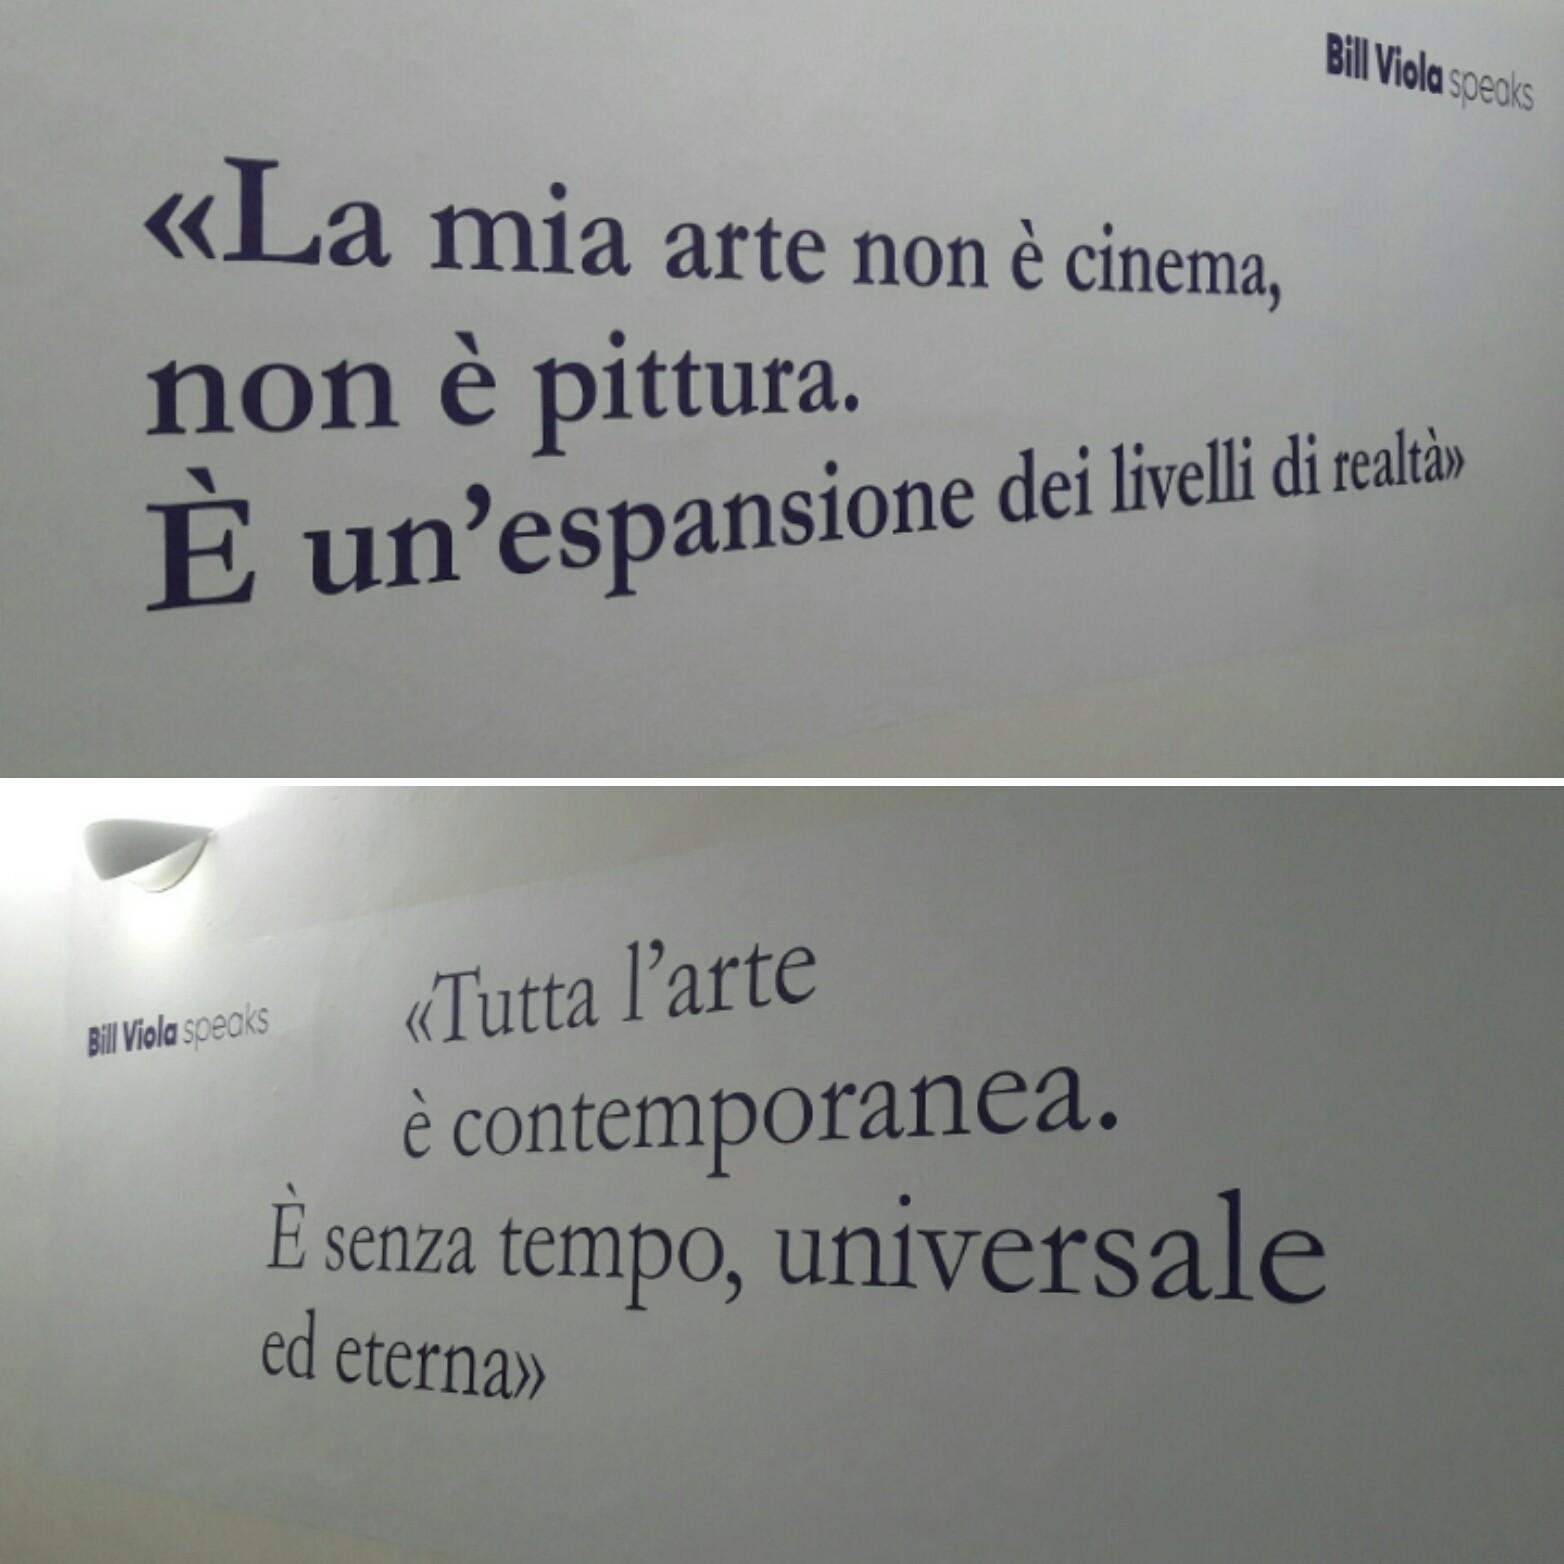 Svuota Appartamenti Gratis Firenze laboratorio e mostra di bill viola a firenze - lifeblogger